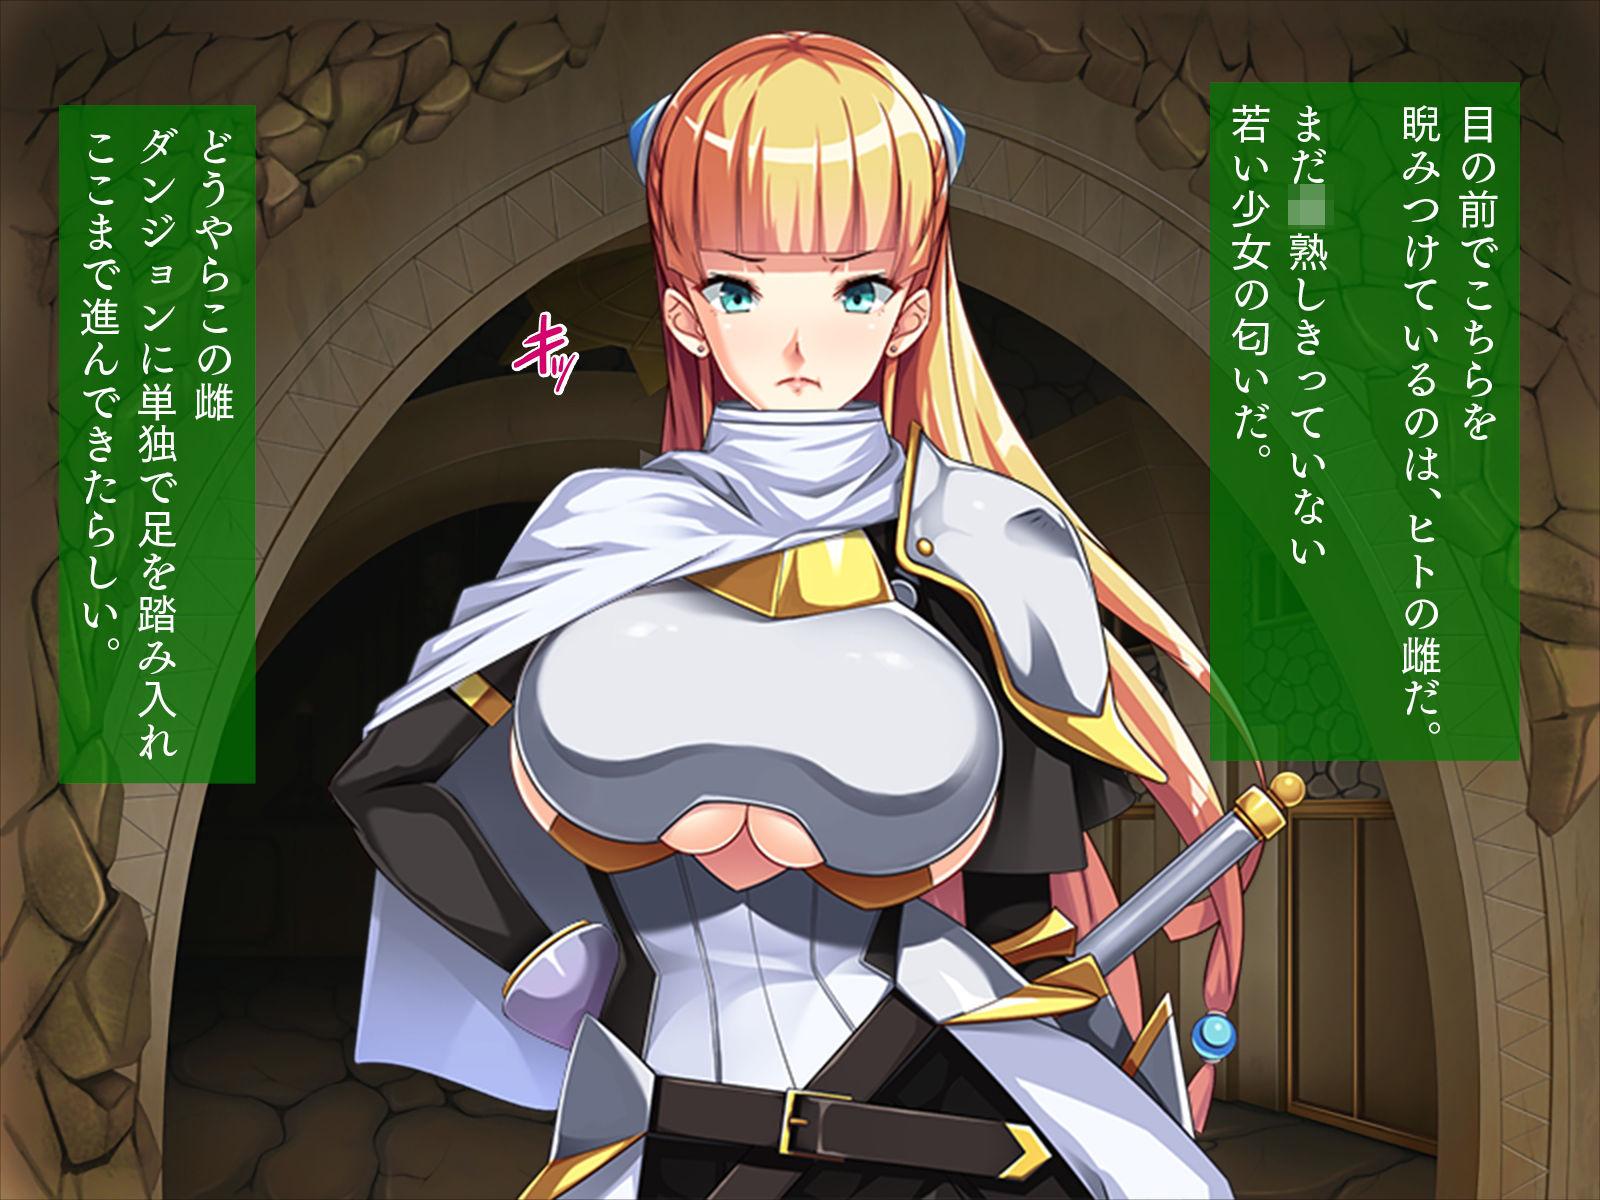 【アイリ 同人】女騎士、オークに目覚める「私はオークが嫌いなはずなのに……」